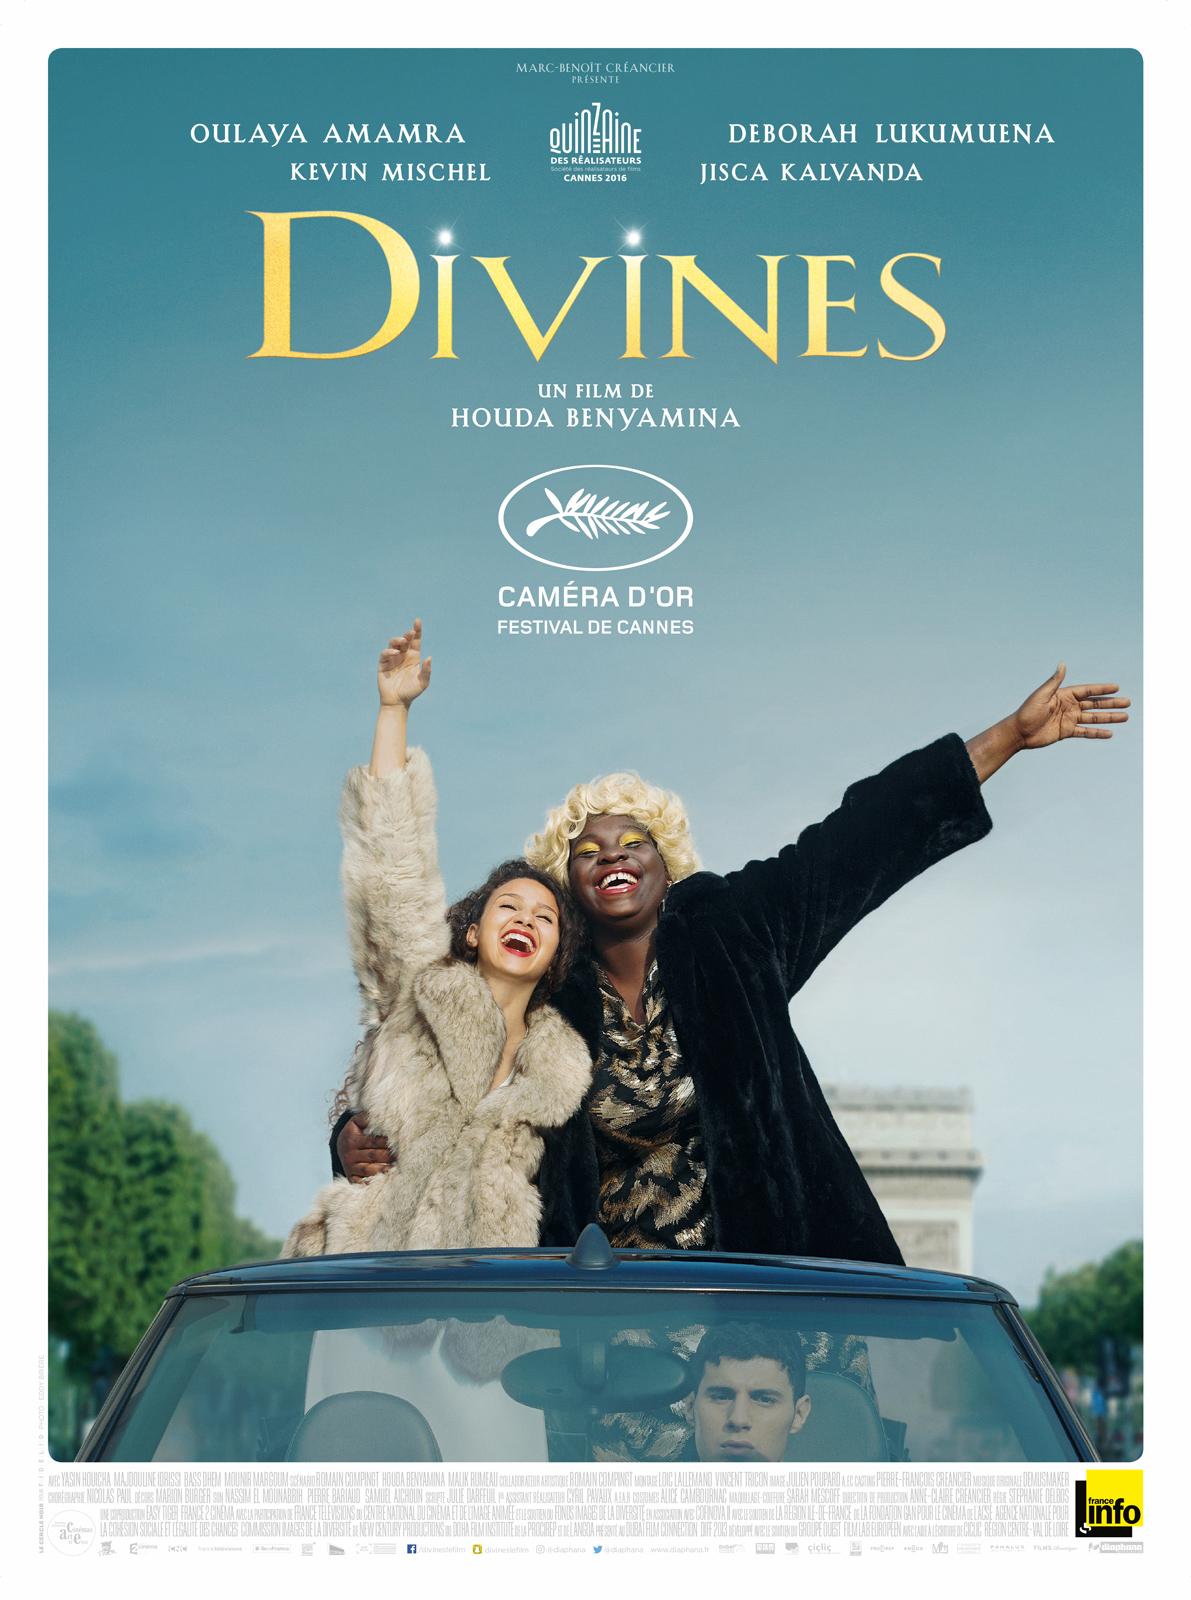 Divines Film